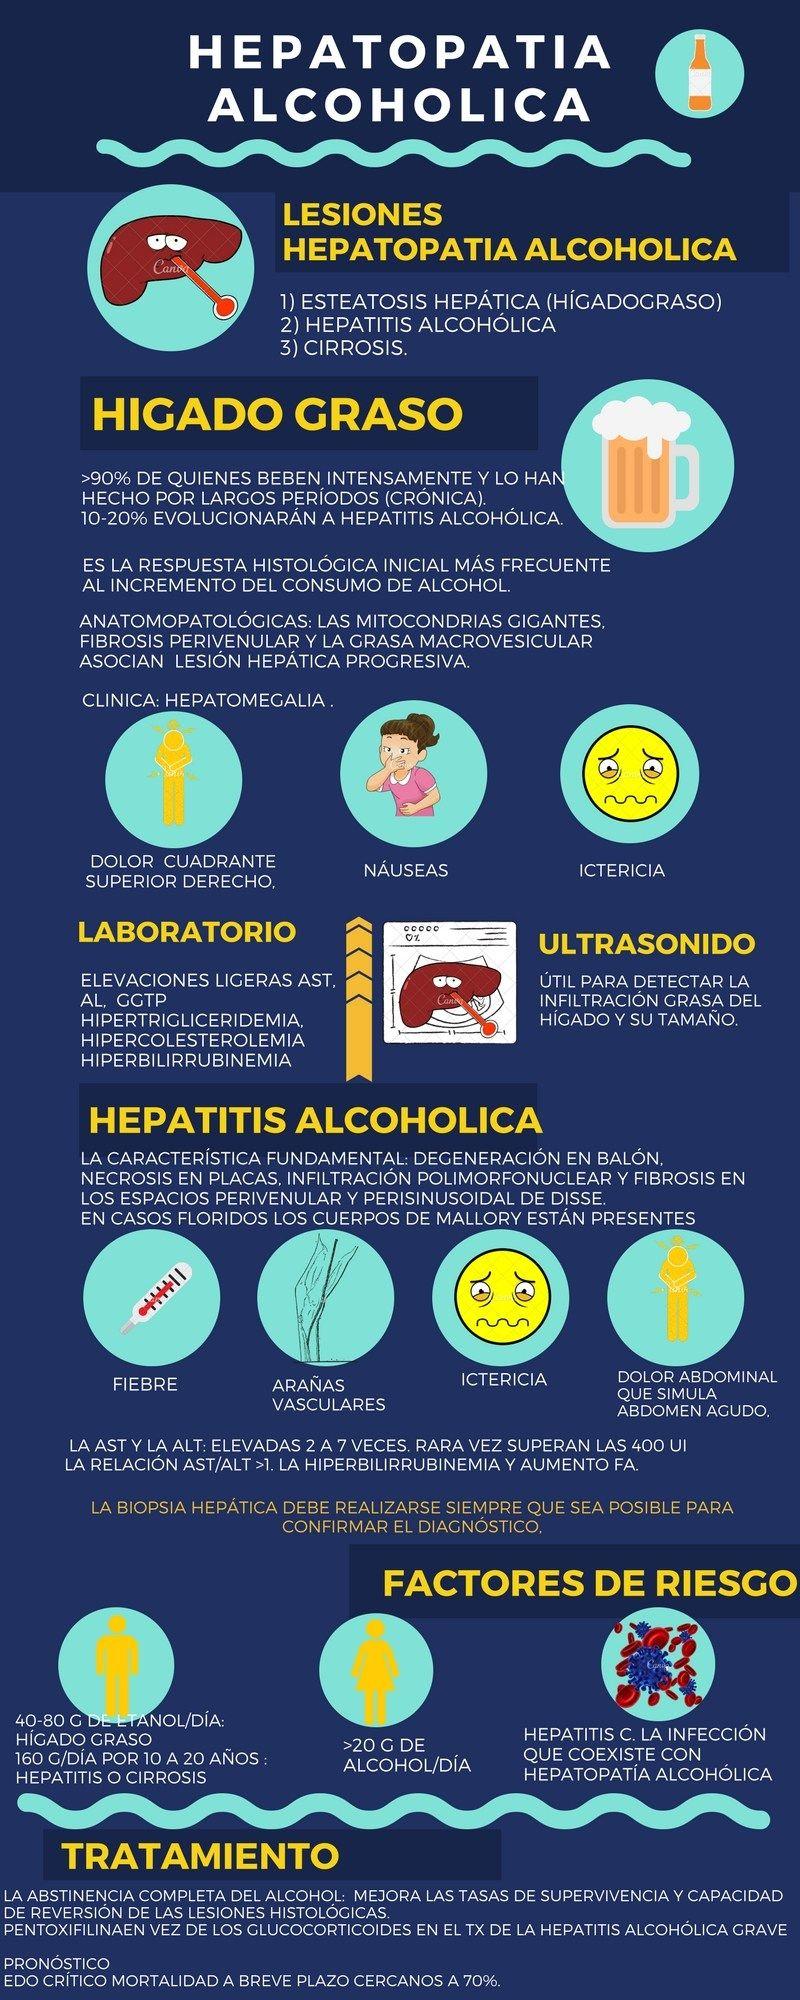 HEPATOPATIA ALCOHOLICA | Anatomía | Pinterest | Medicina, Salud y ...